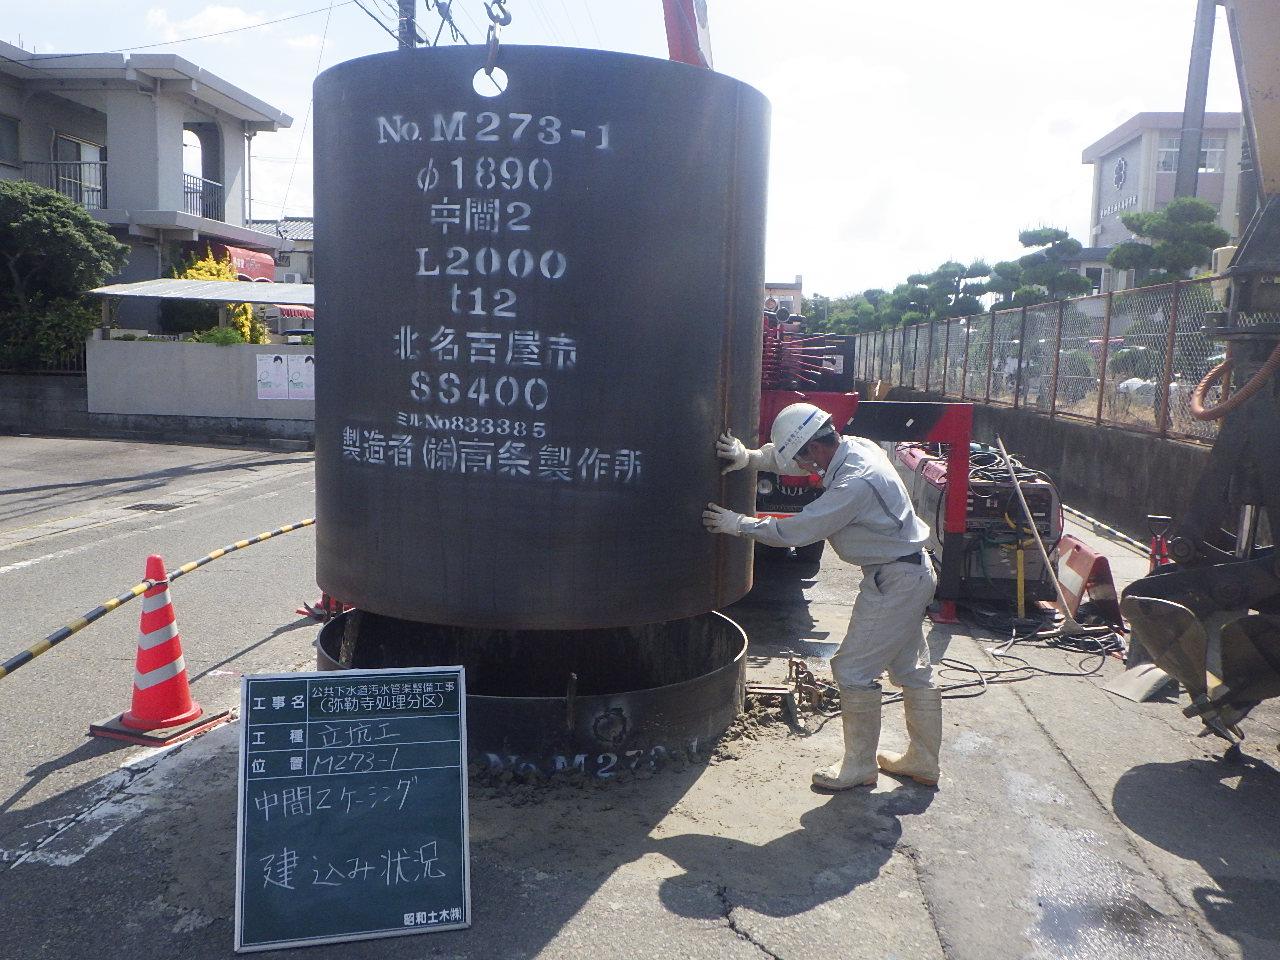 公共下水道汚水管管渠整備工事(弥勒寺処理分区)